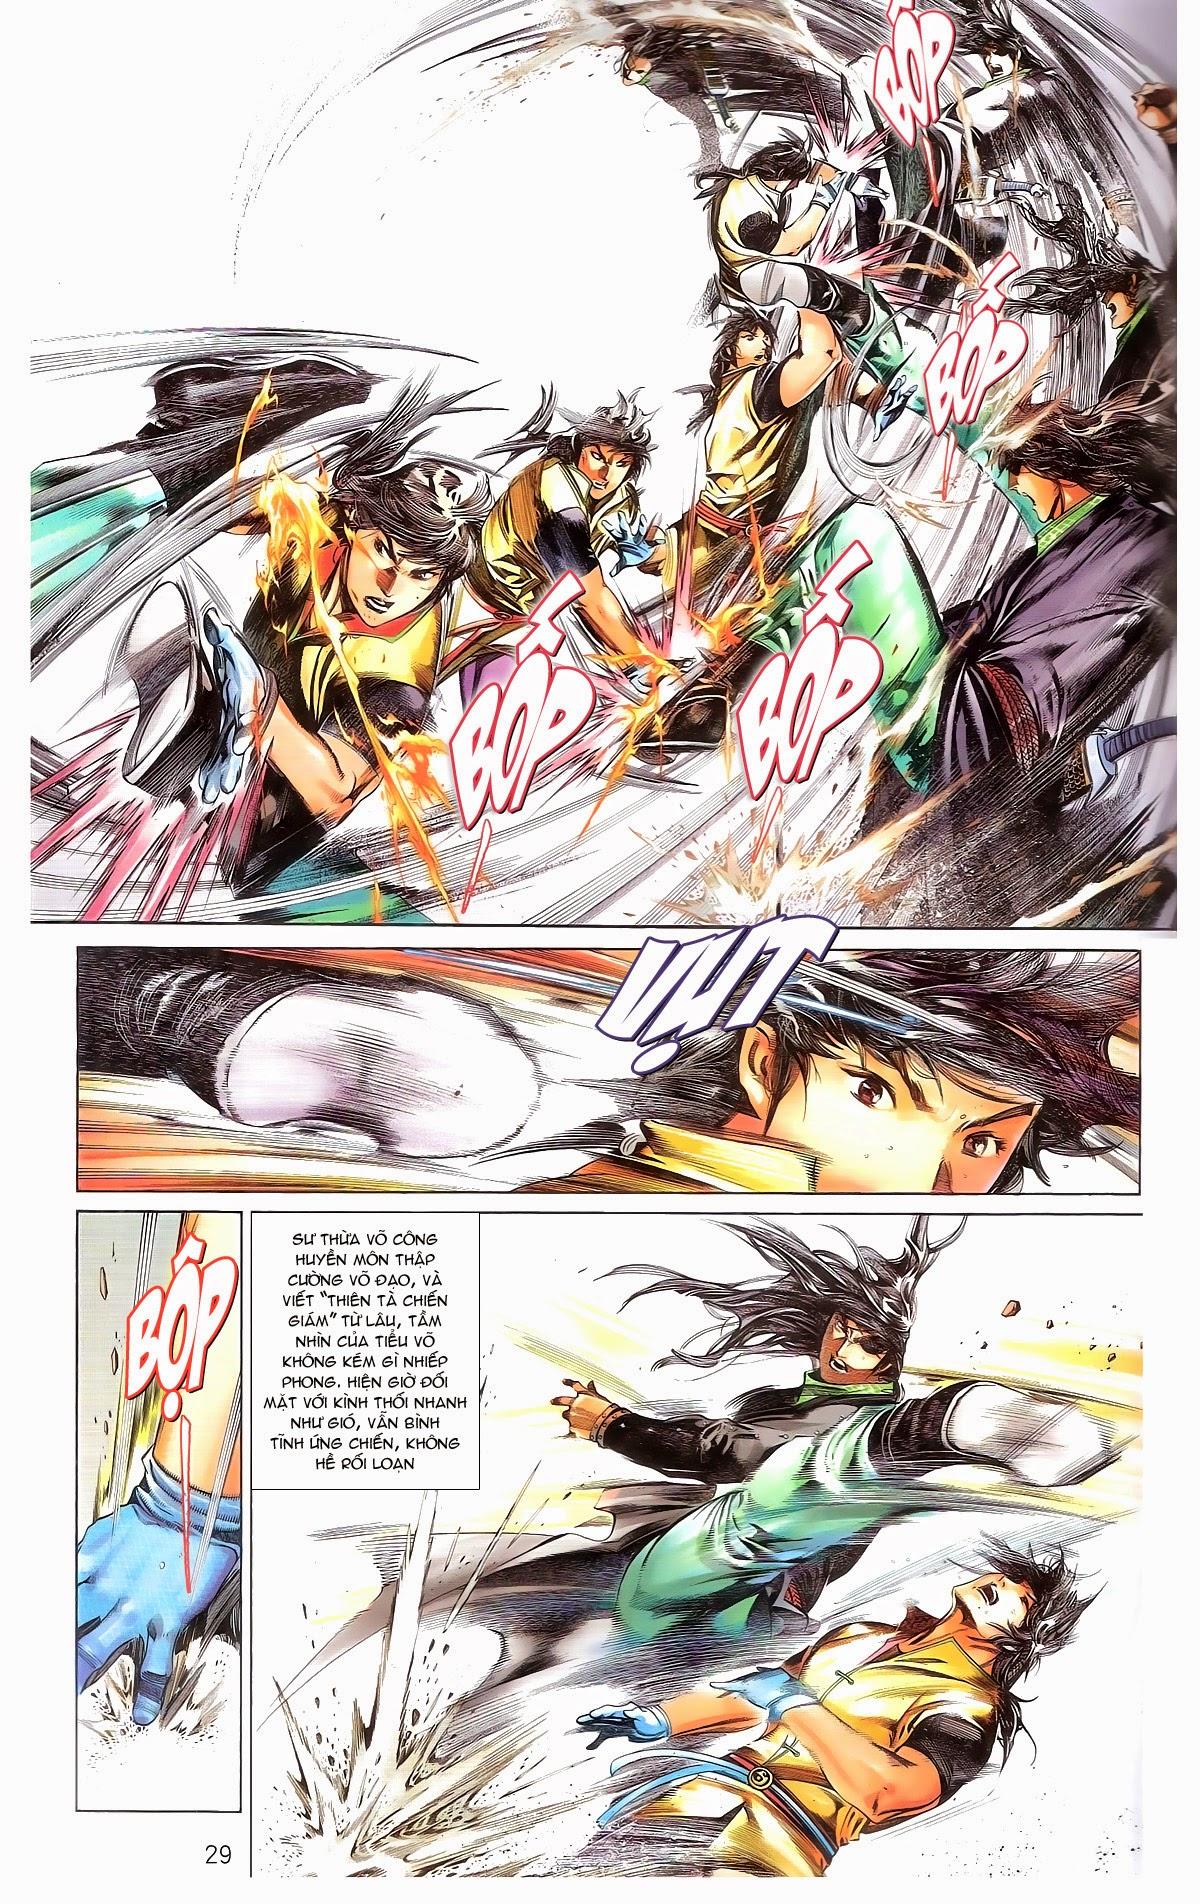 Phong Vân chap 674 – End Trang 31 - Mangak.info